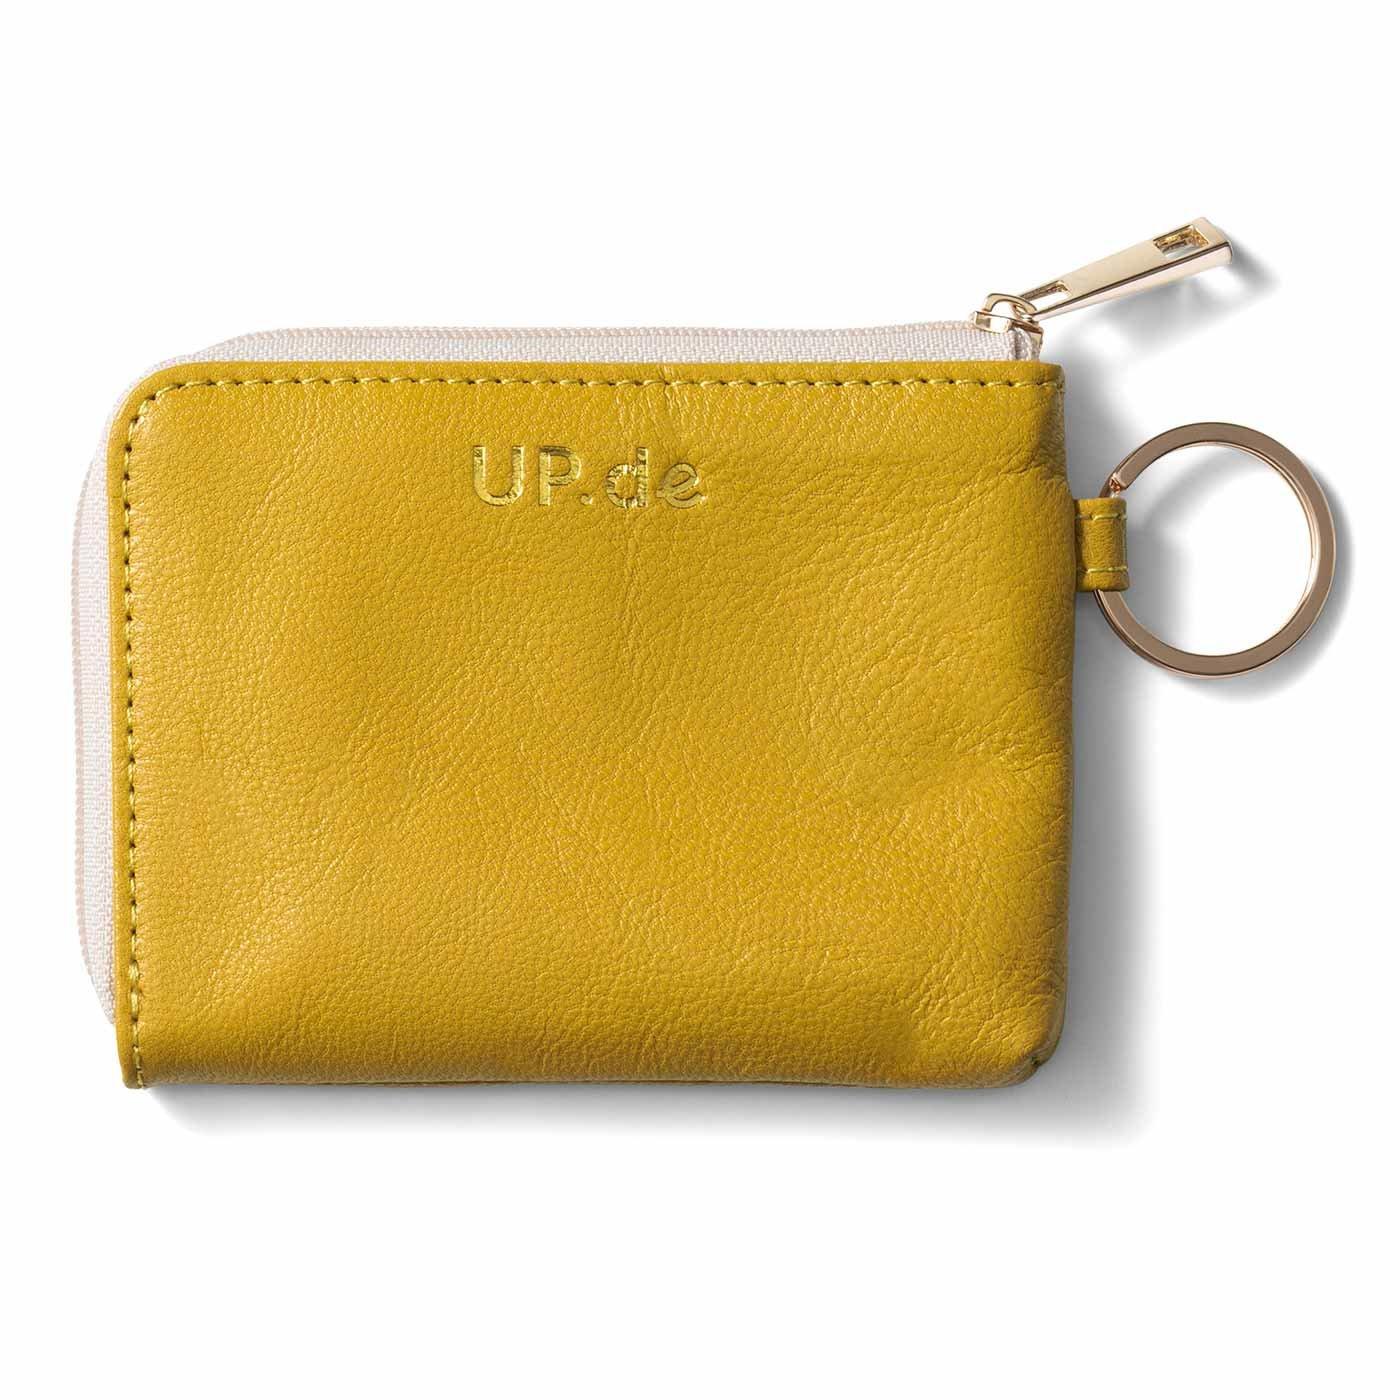 UP.de 金運を呼ぶ ハッピーイエローのやわらか本革ミニマムカード財布